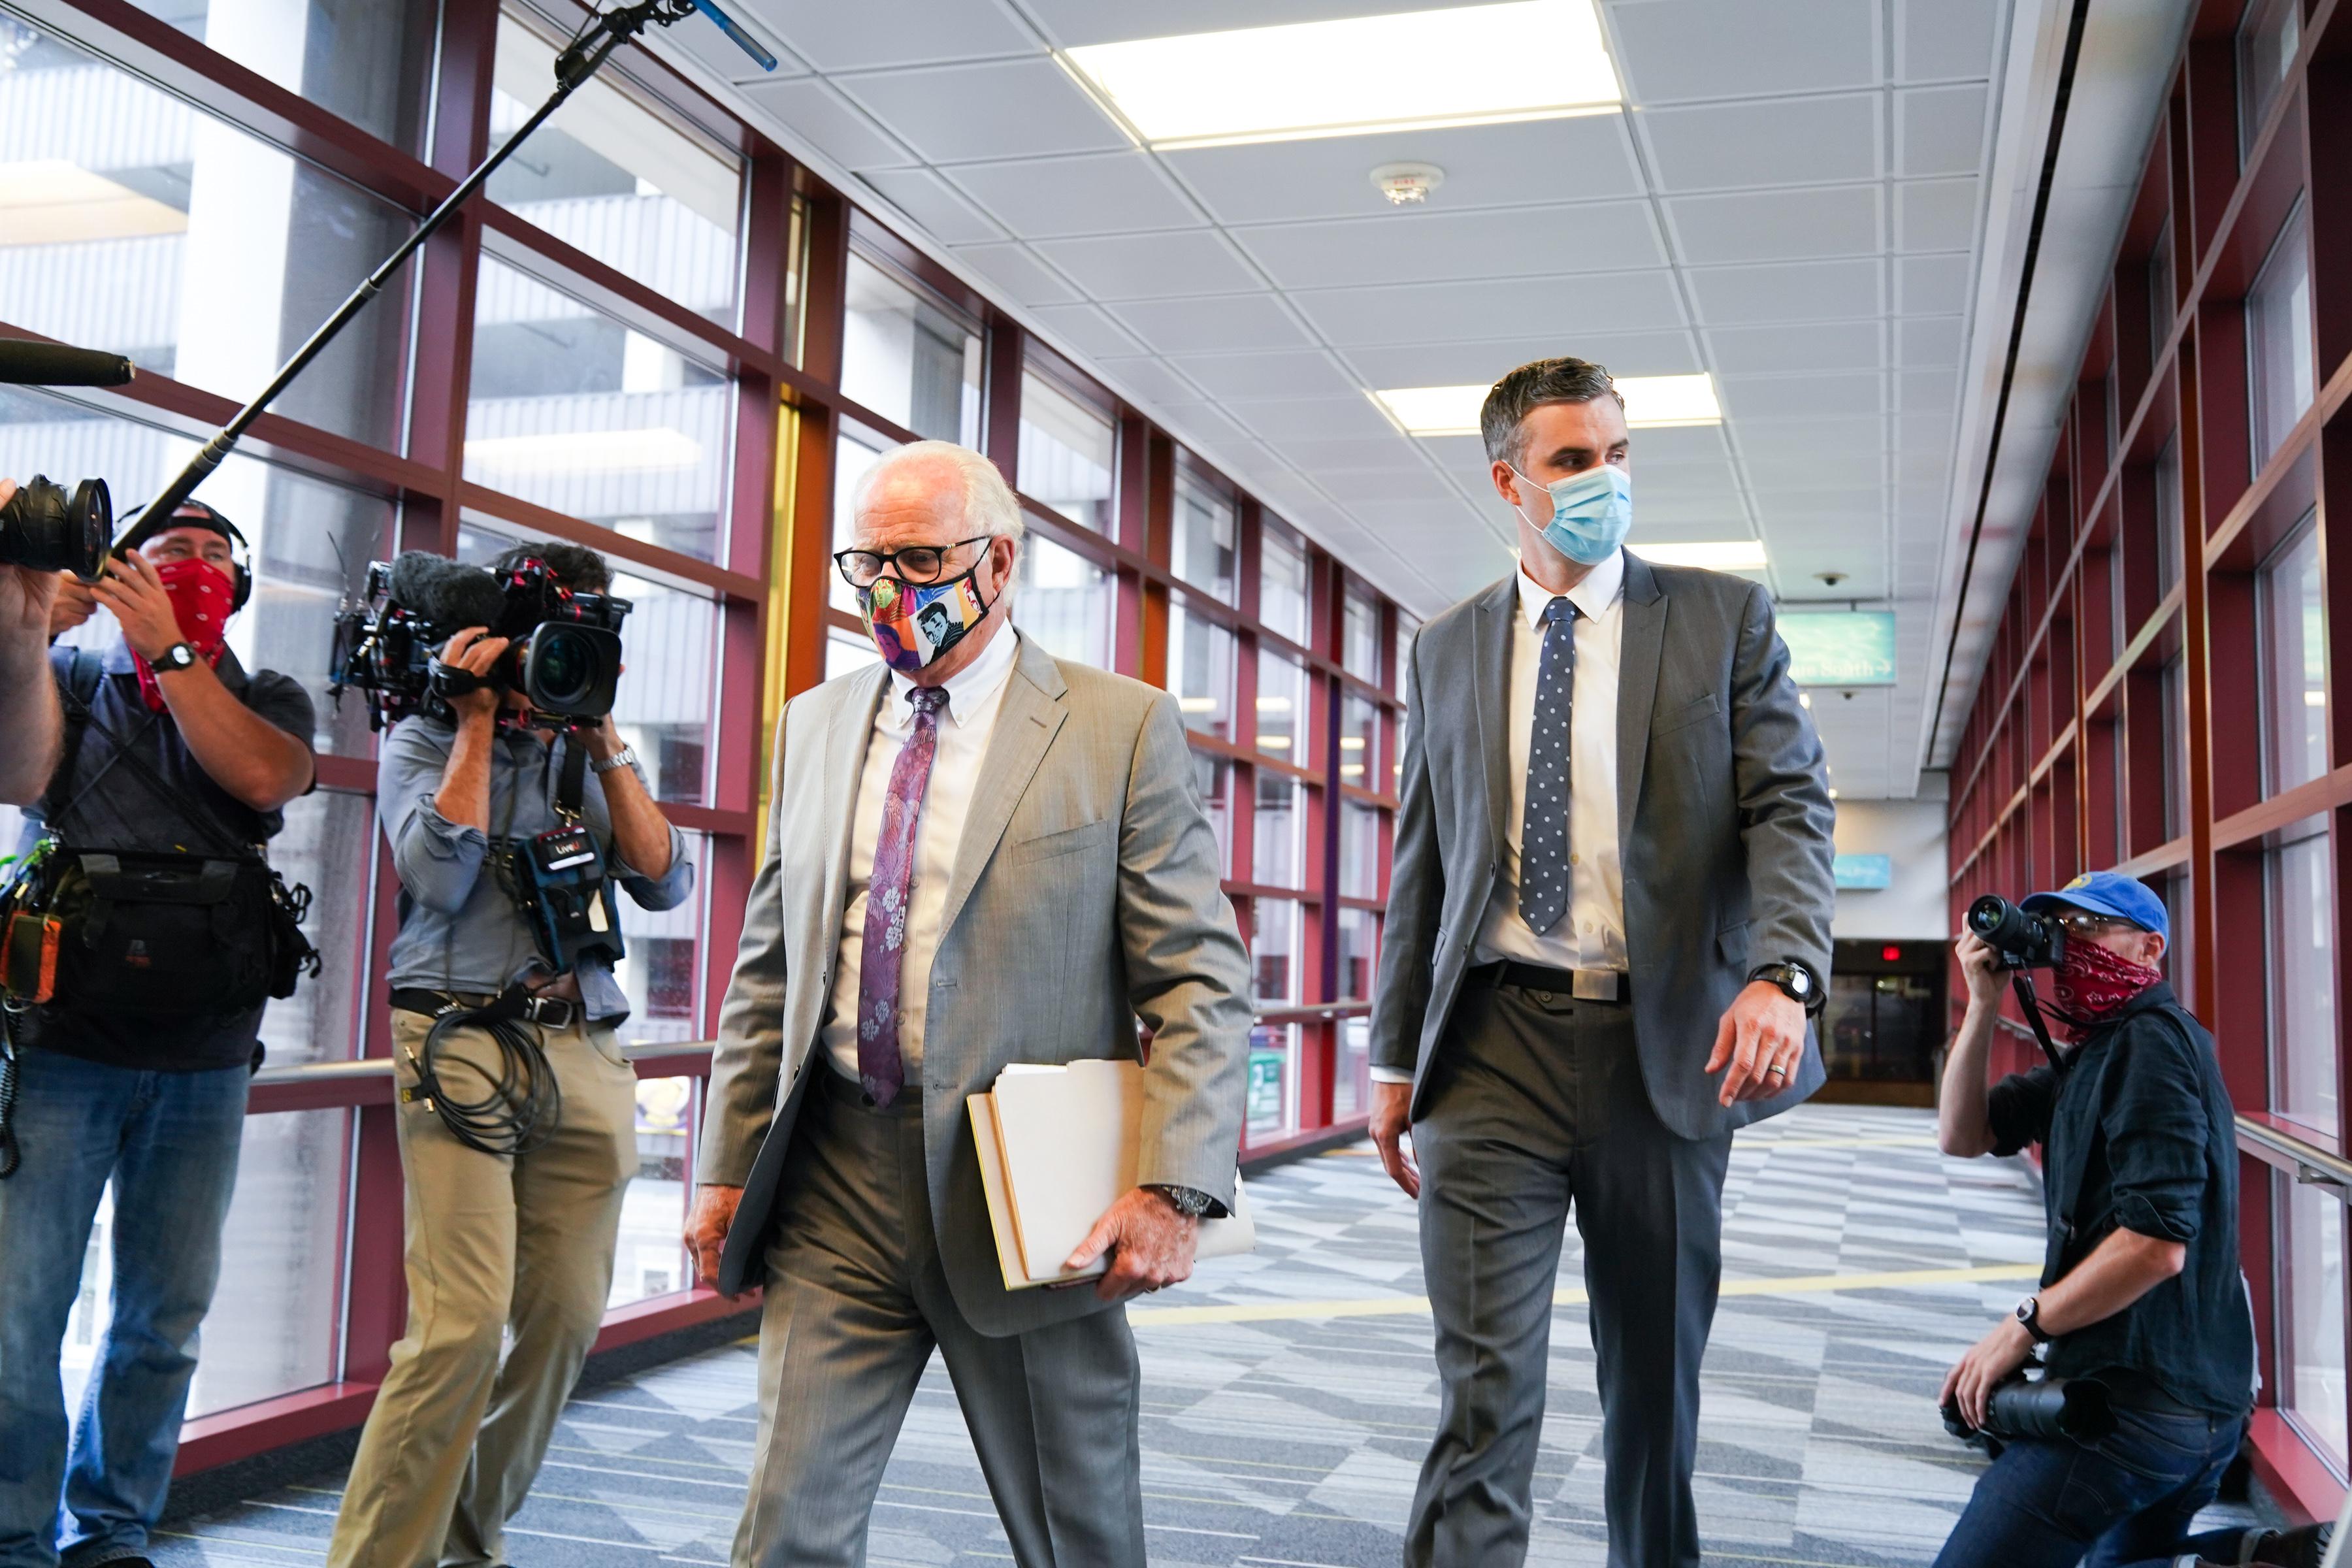 ג'ורג 'פלויד' מנת יתר 'על פנטניל, עורך דין תביעות לשוטר לשעבר שהואשם בהריגה